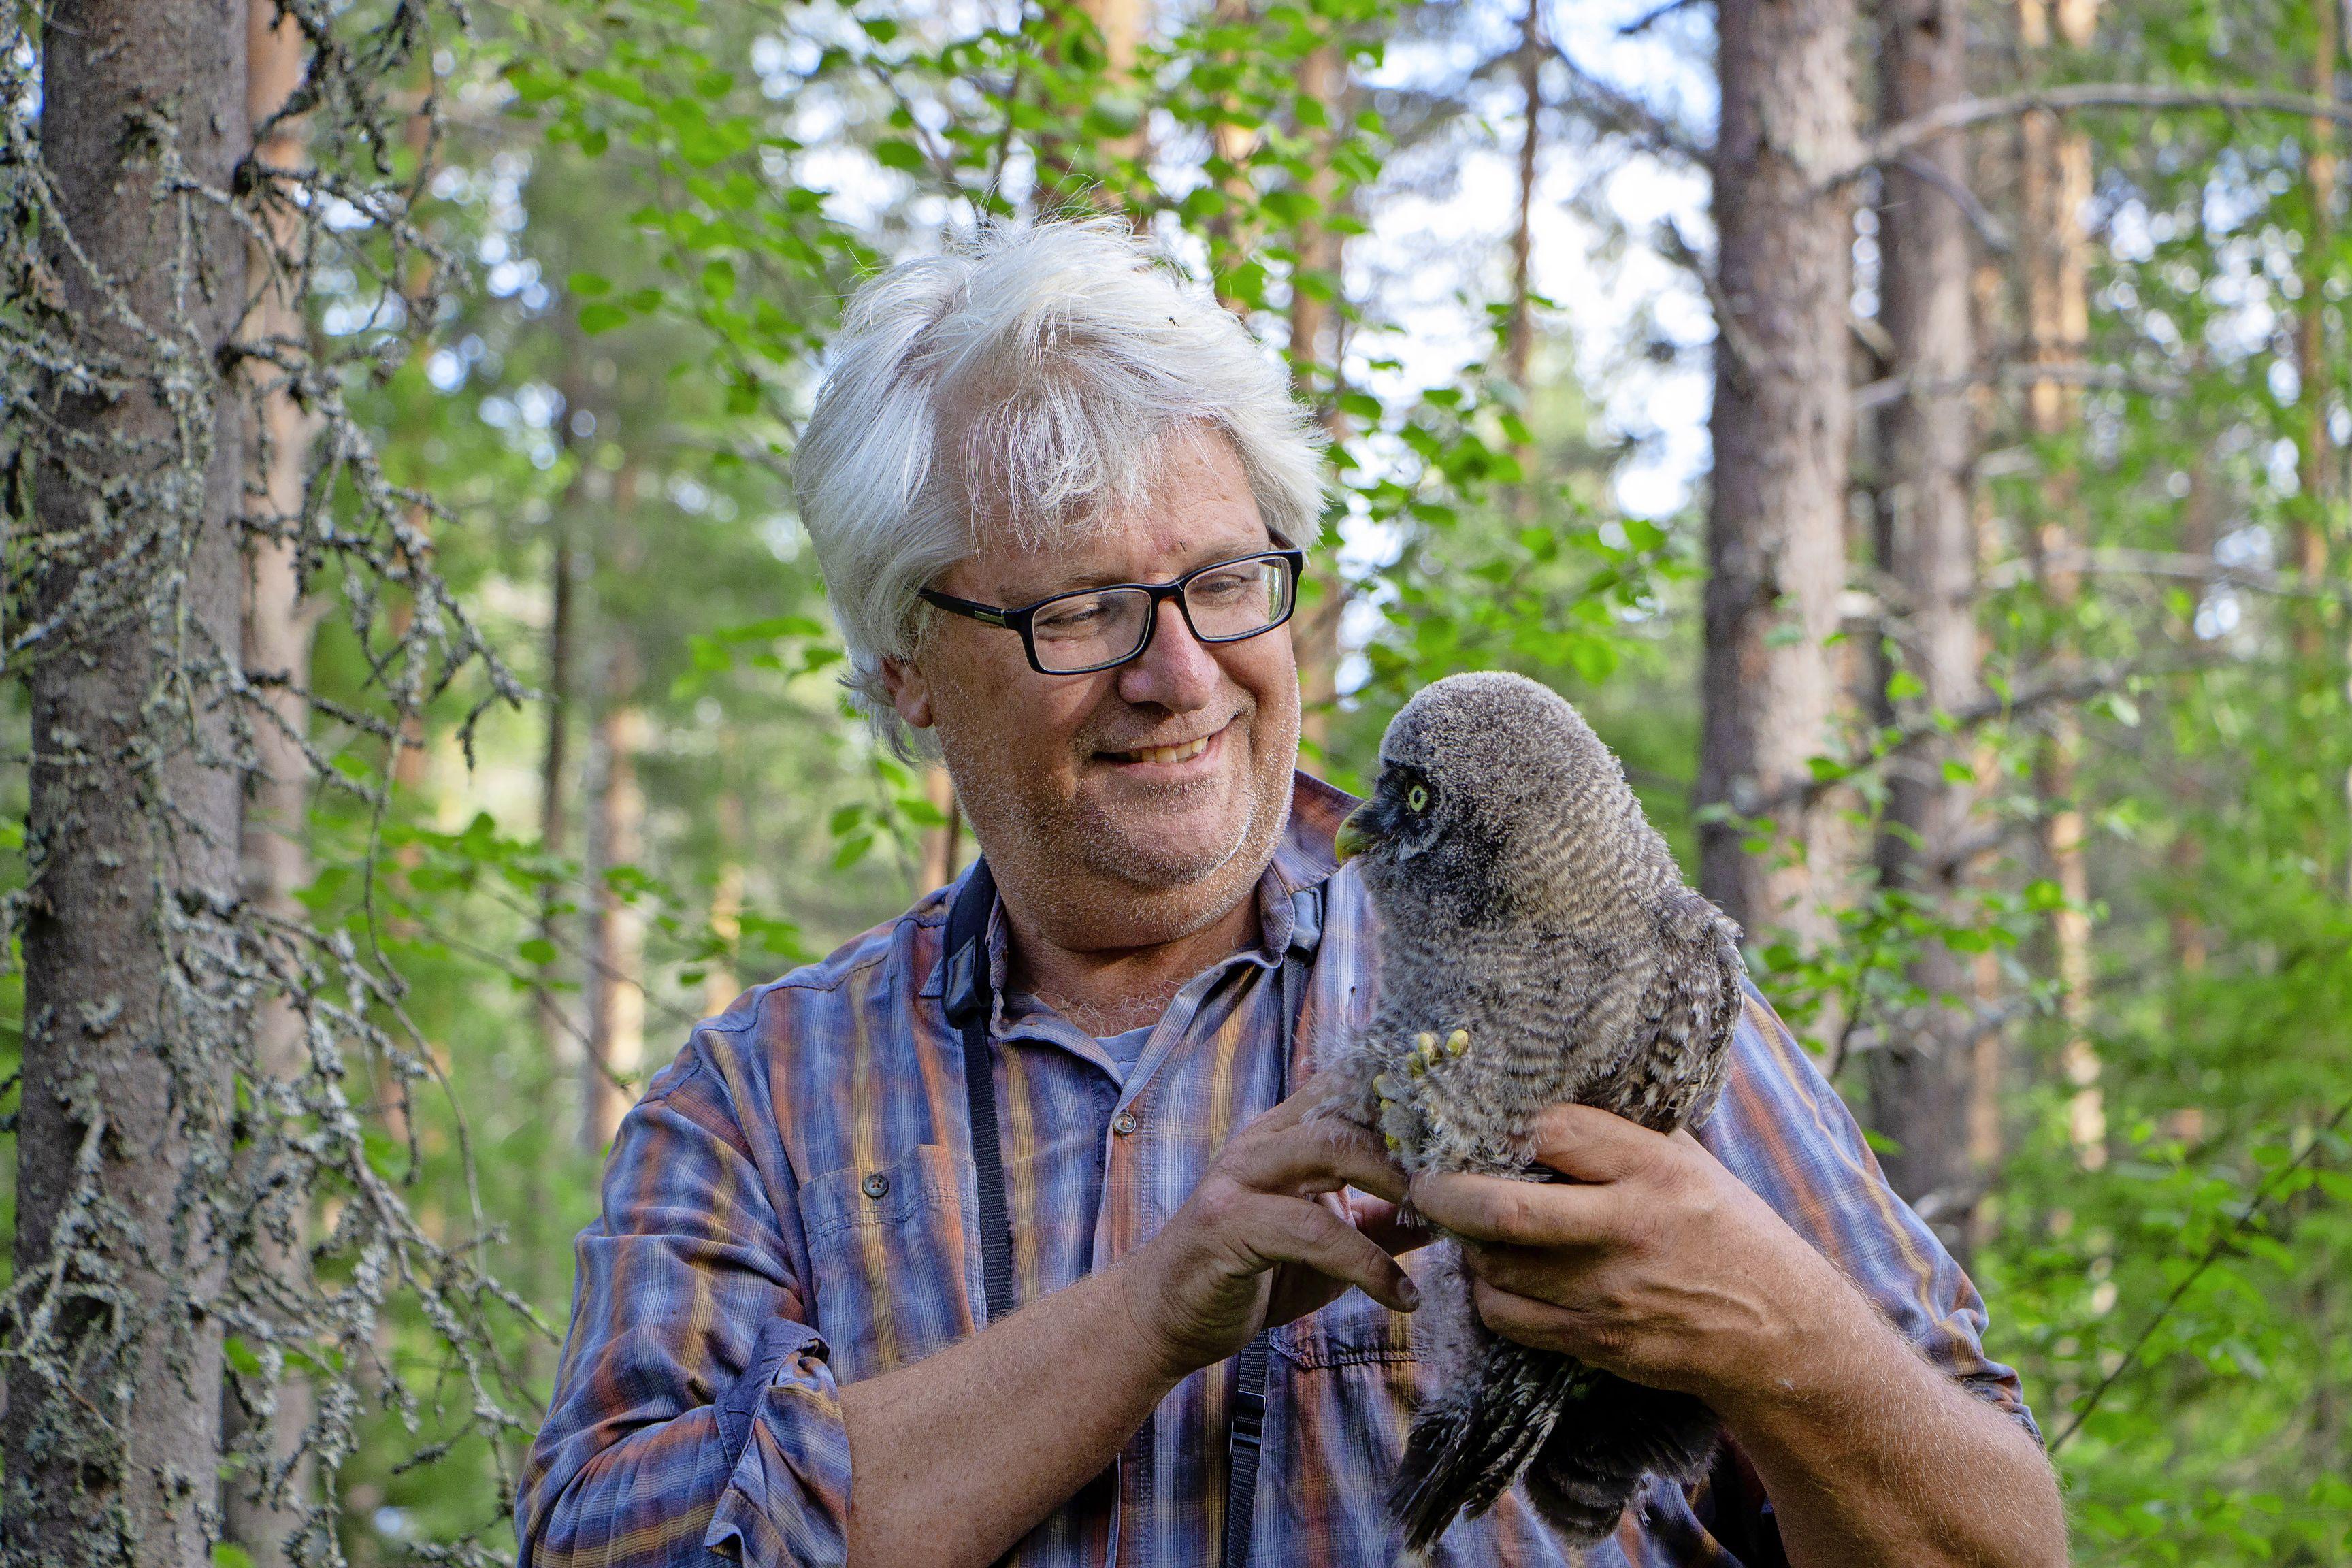 Landbouwcrisis is af te wenden, als boeren 'weer gaan luisteren naar grutto en kiekendief', zegt vogelexpert Ben Koks